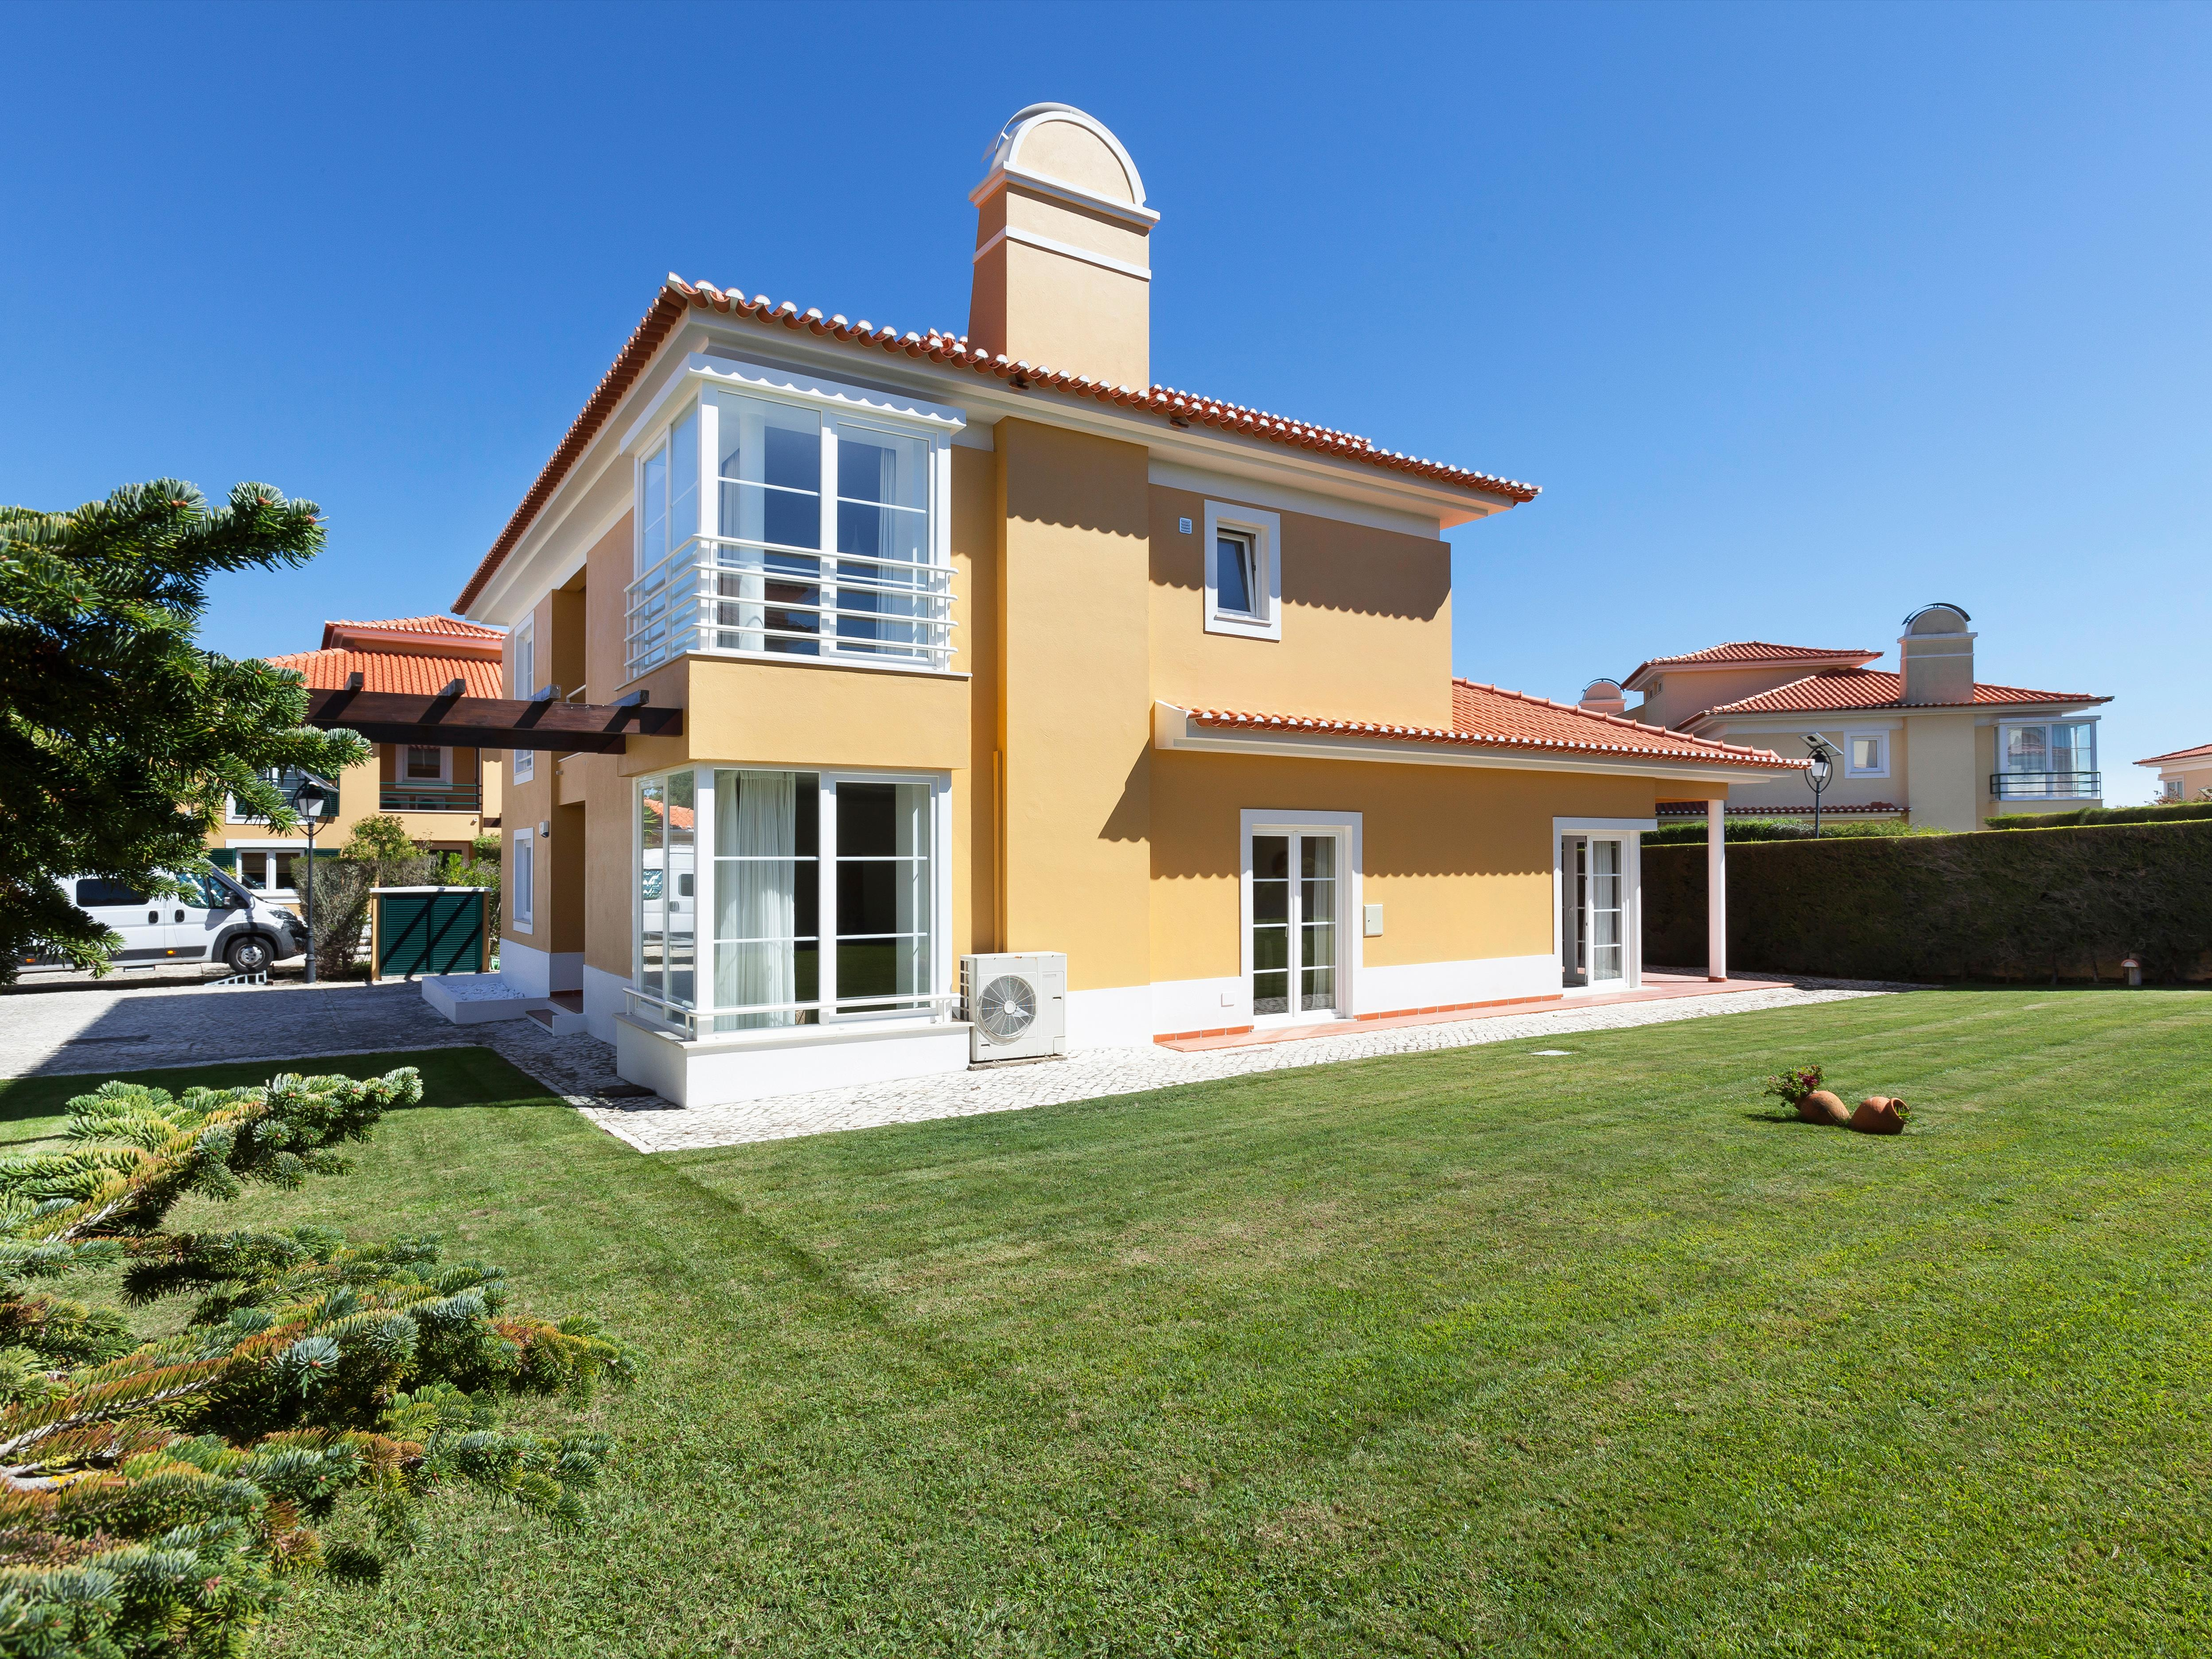 Maison unifamiliale pour l Vente à House, 4 bedrooms, for Sale Sintra, Lisbonne, Portugal